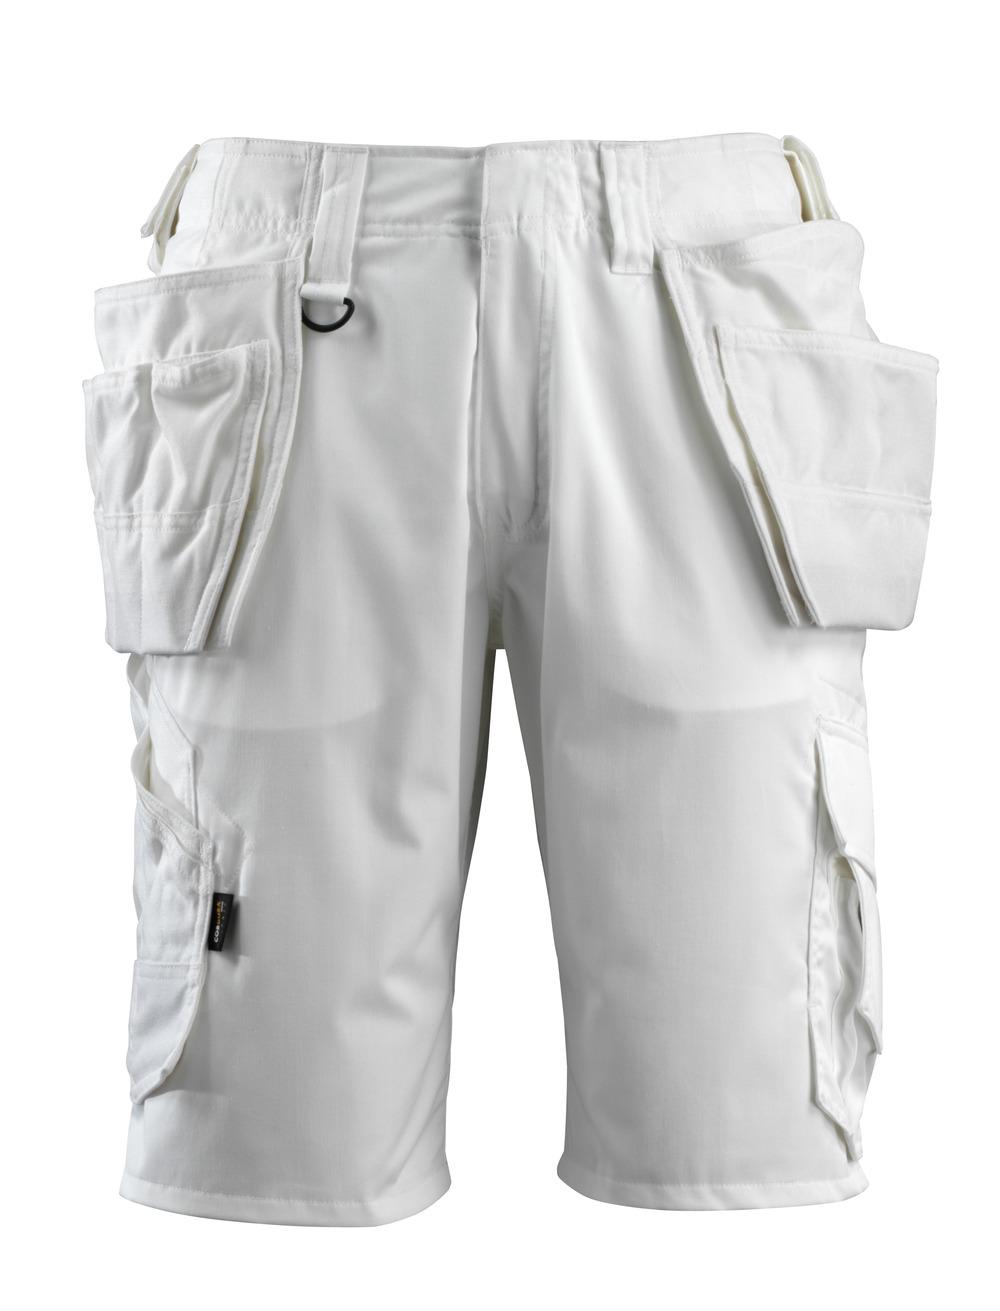 16049-230-06 Shortsit riipputaskuilla - valkoinen